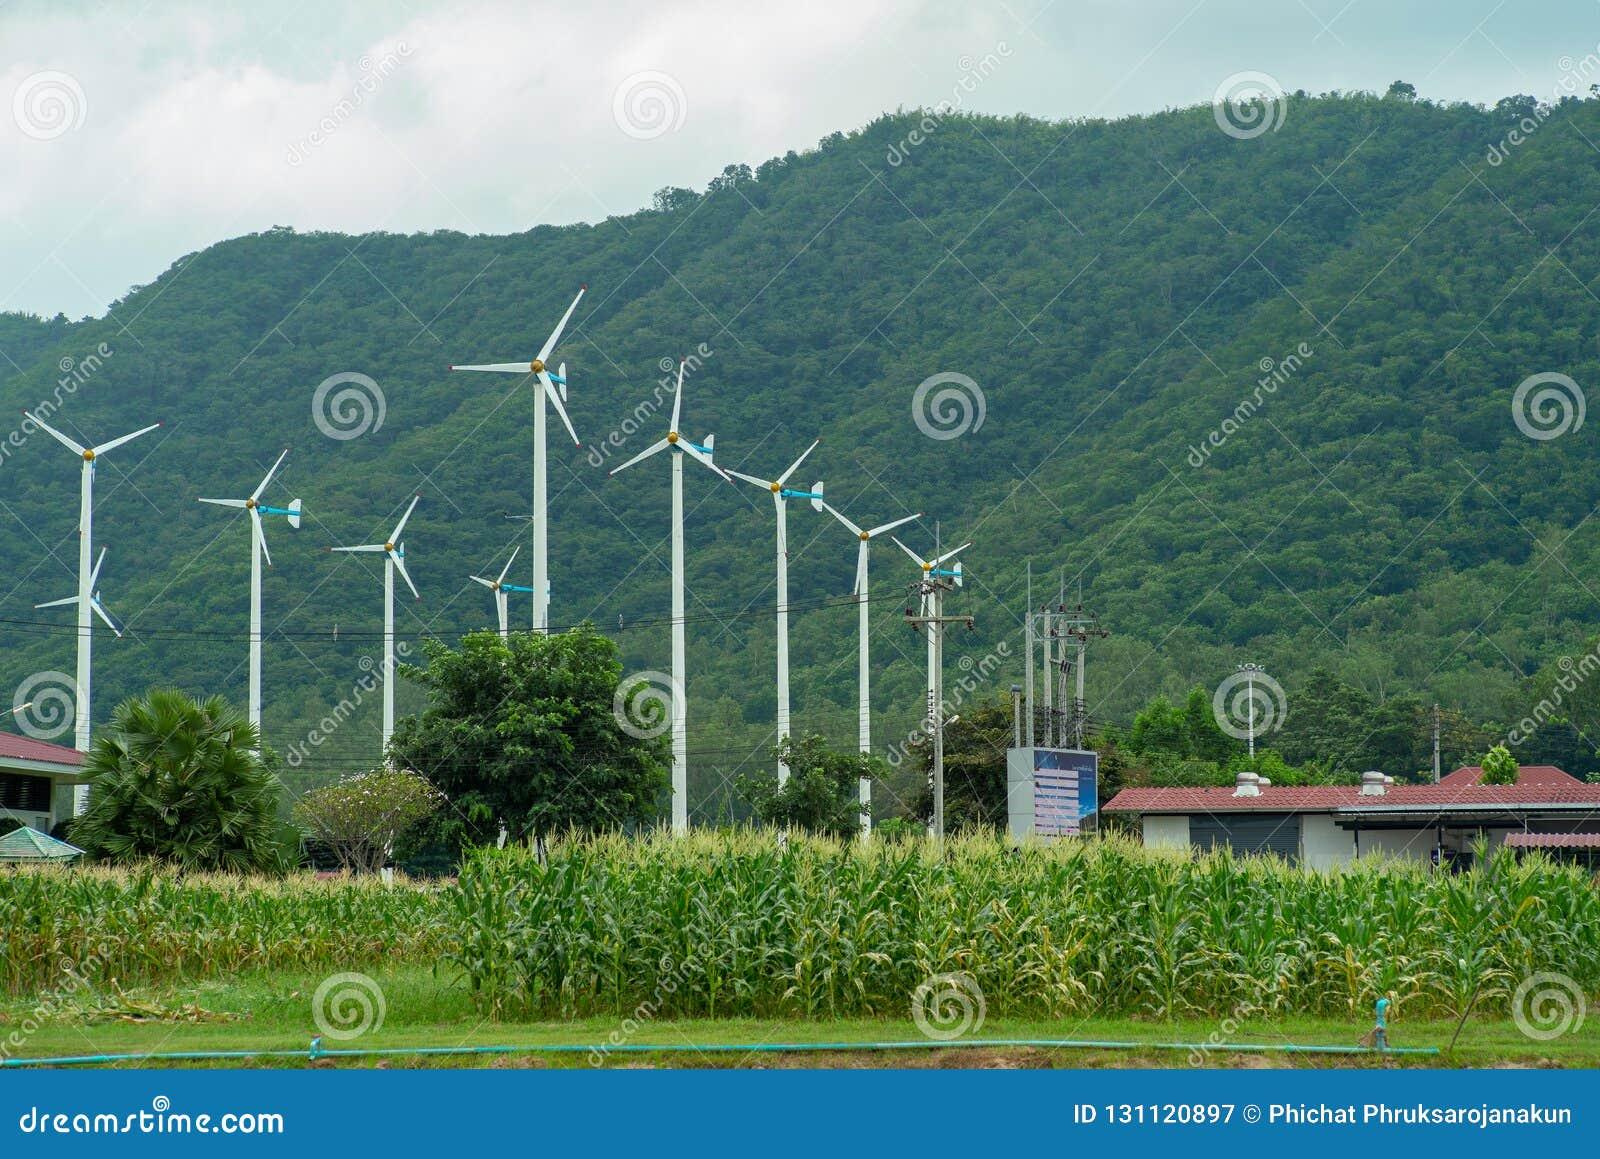 El paisaje de molinoes de viento cultiva para generar la electricidad